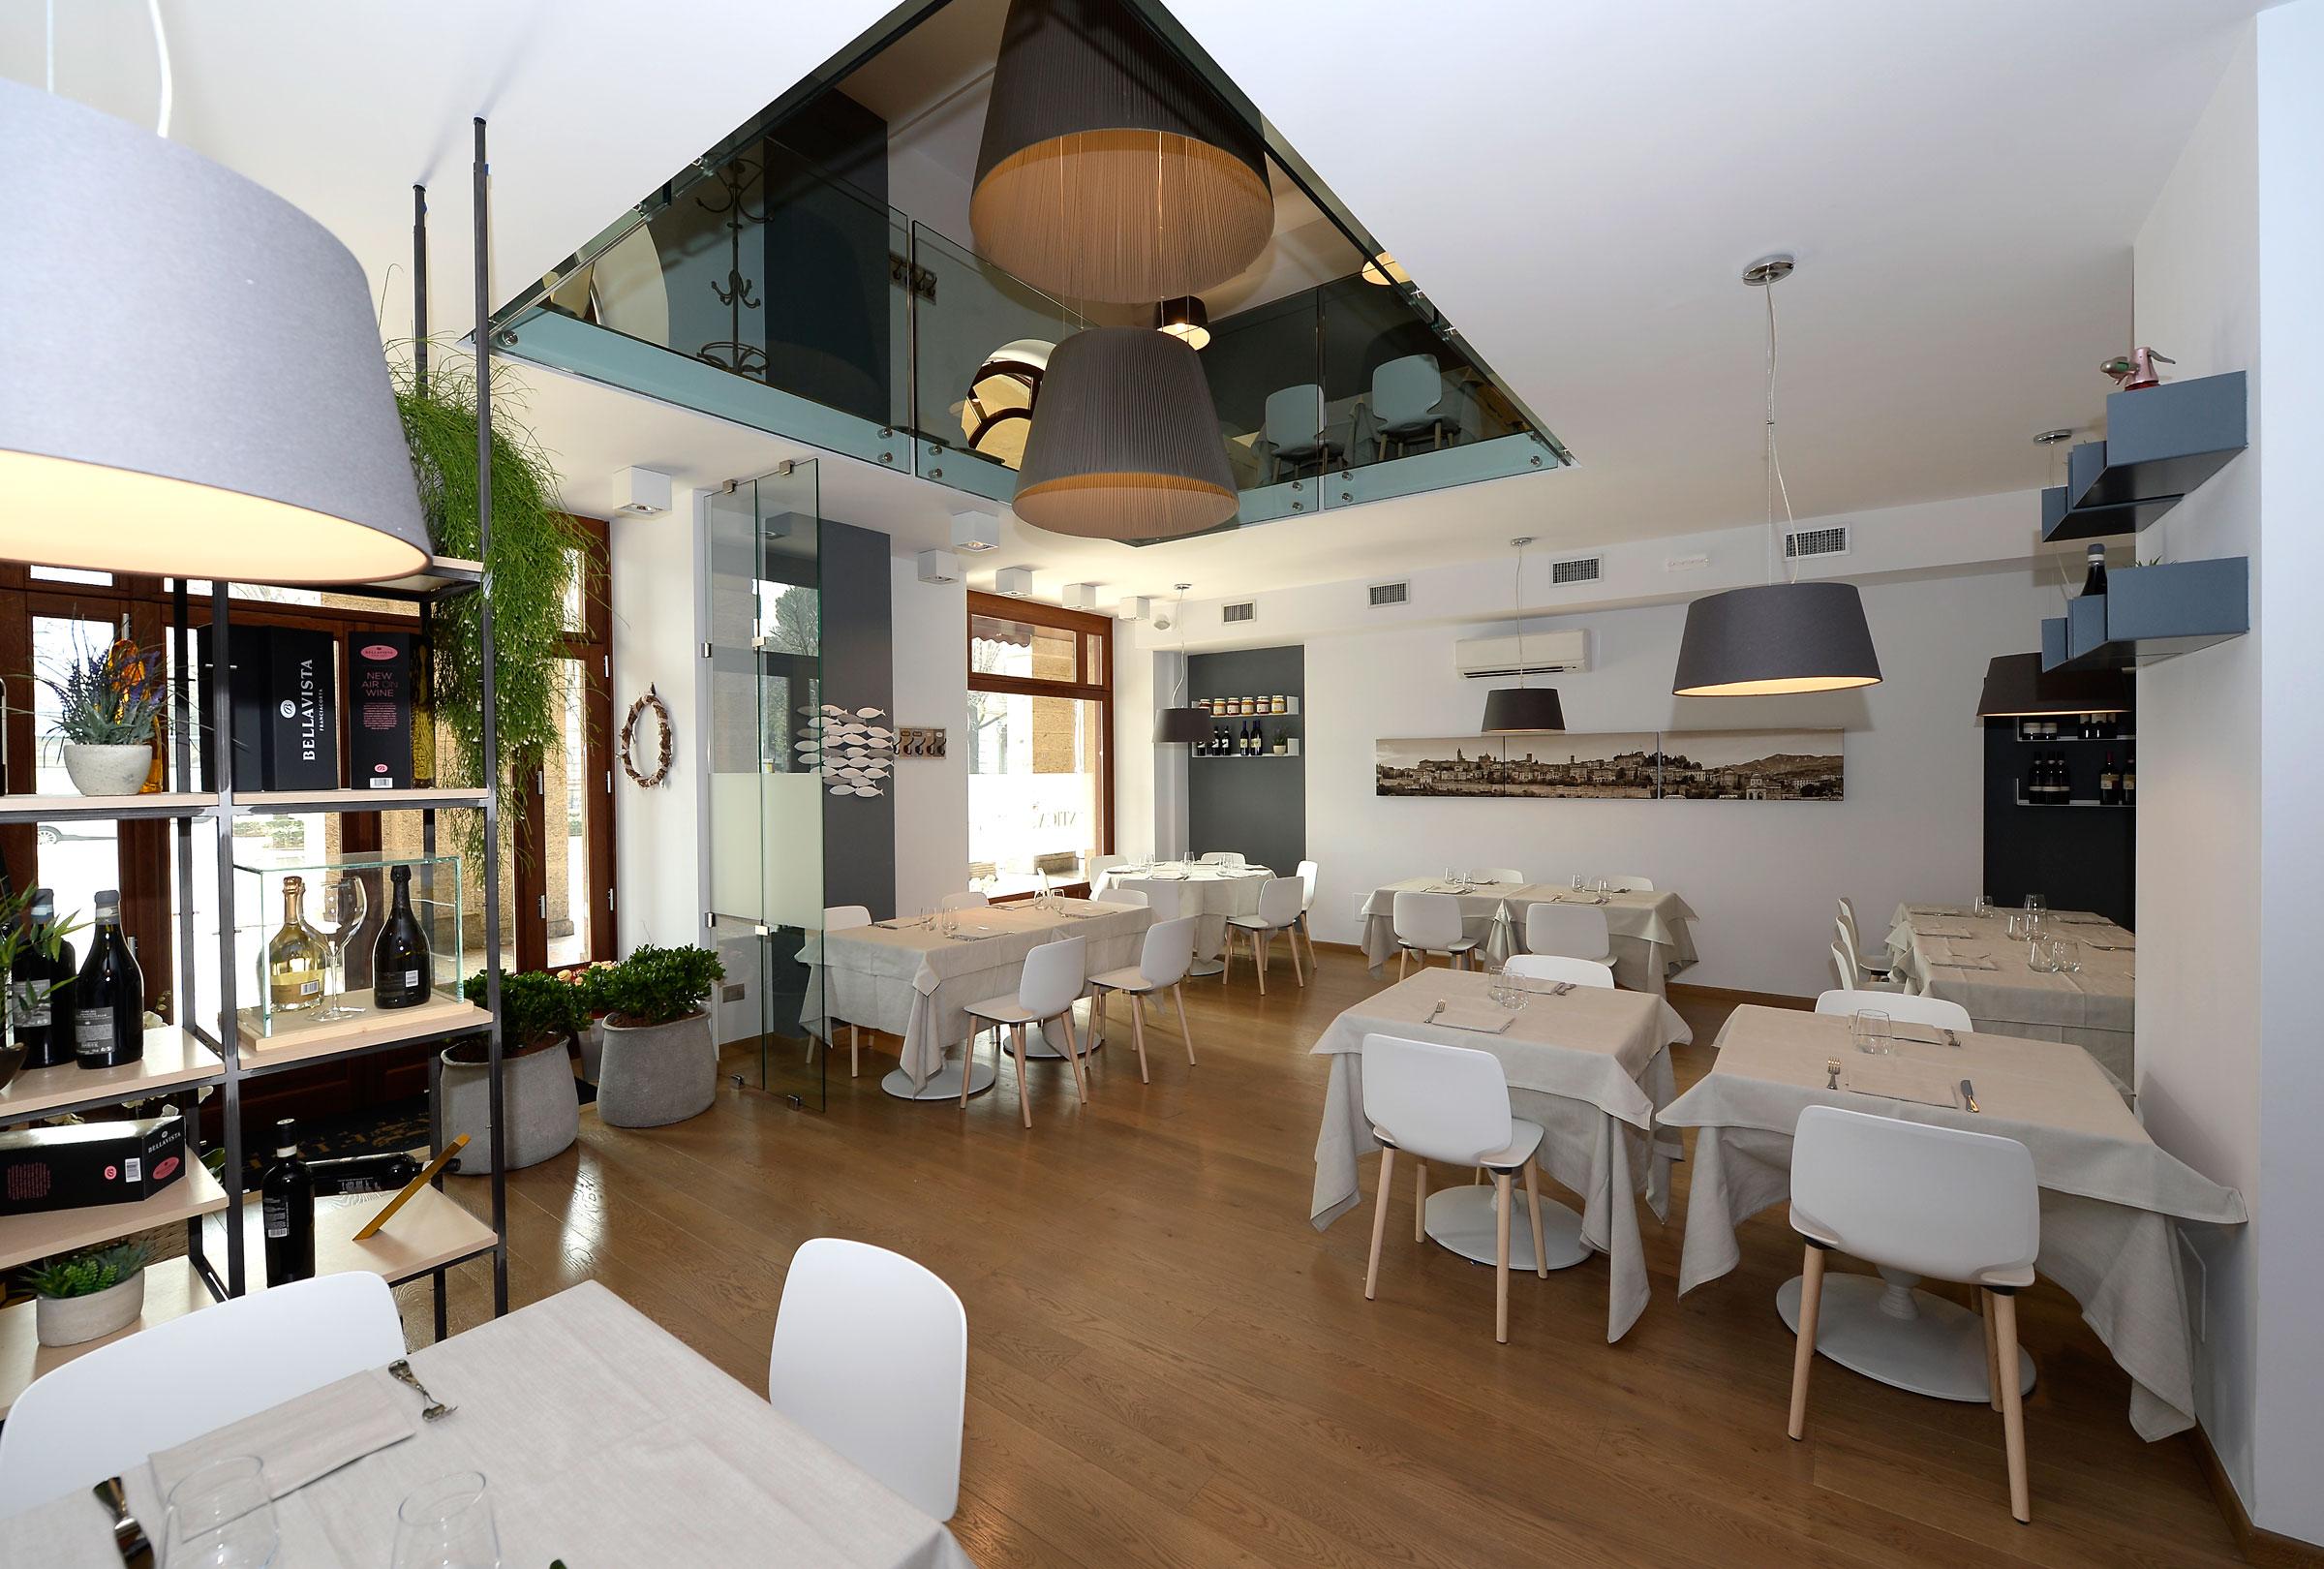 Arredamento ristorante antica fiera bergamo for Fiera arredamento bergamo